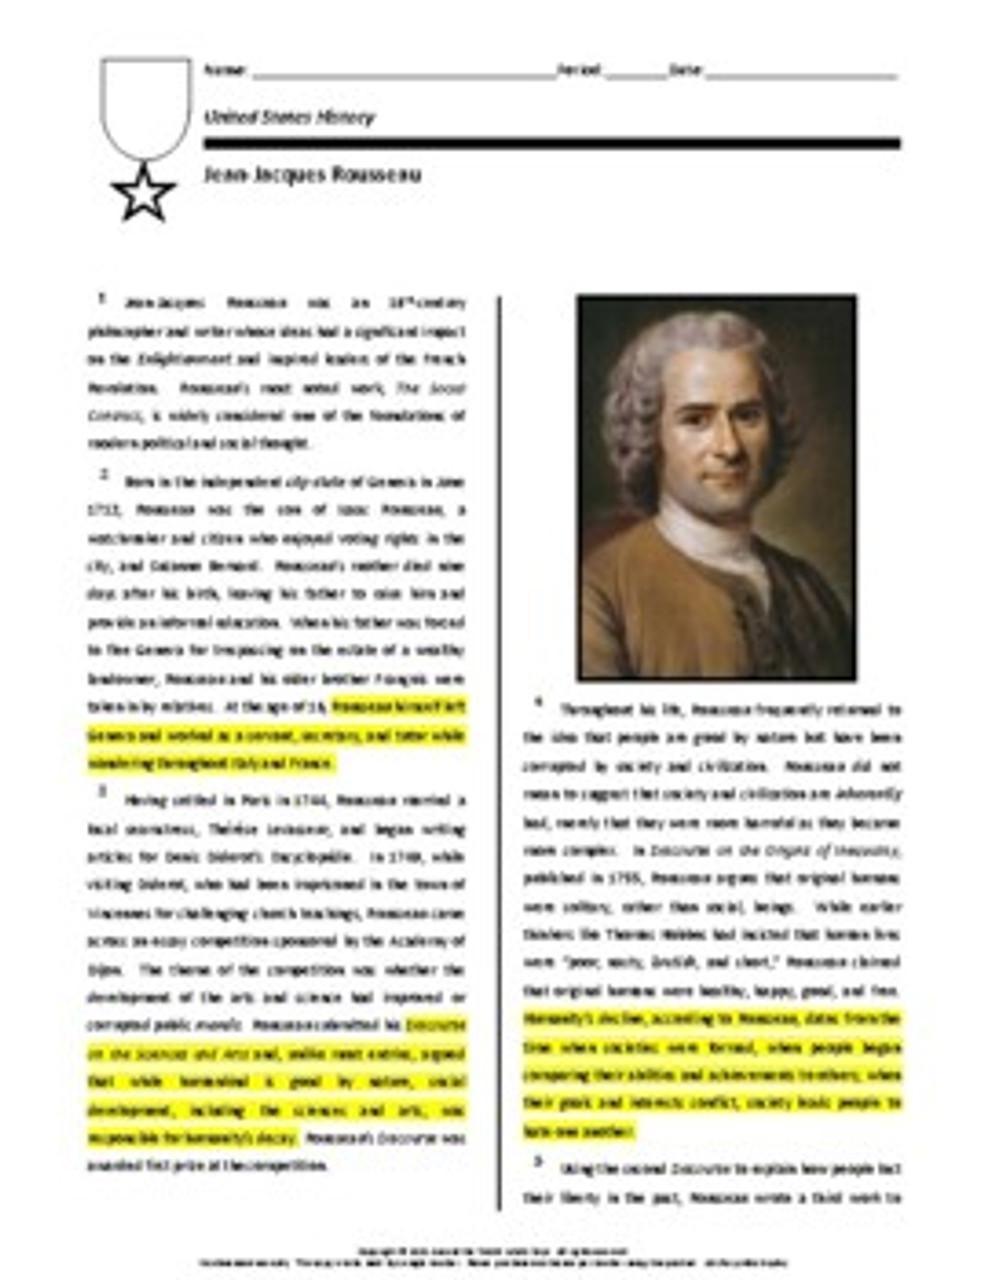 Biography: Jean-Jacques Rousseau